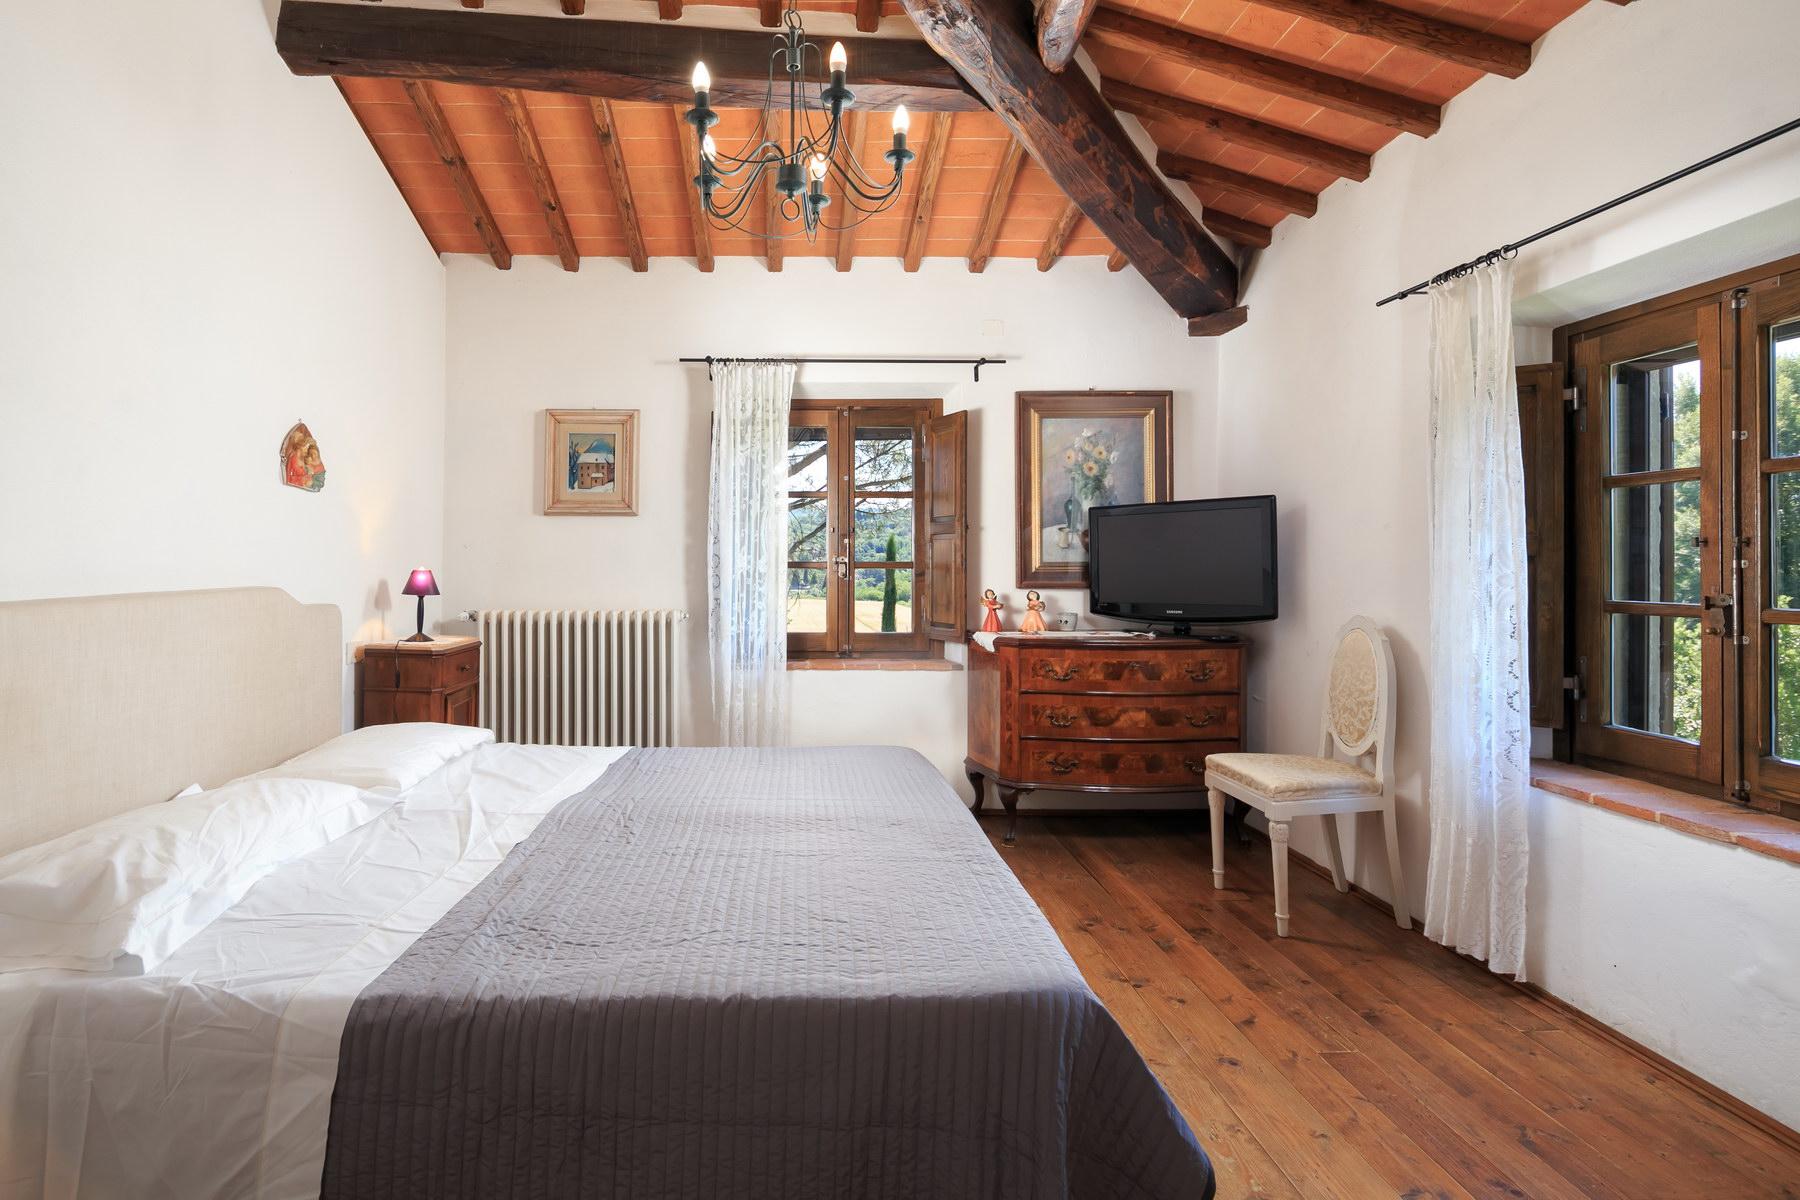 Rustico in Vendita a Civitella In Val Di Chiana: 5 locali, 604 mq - Foto 7